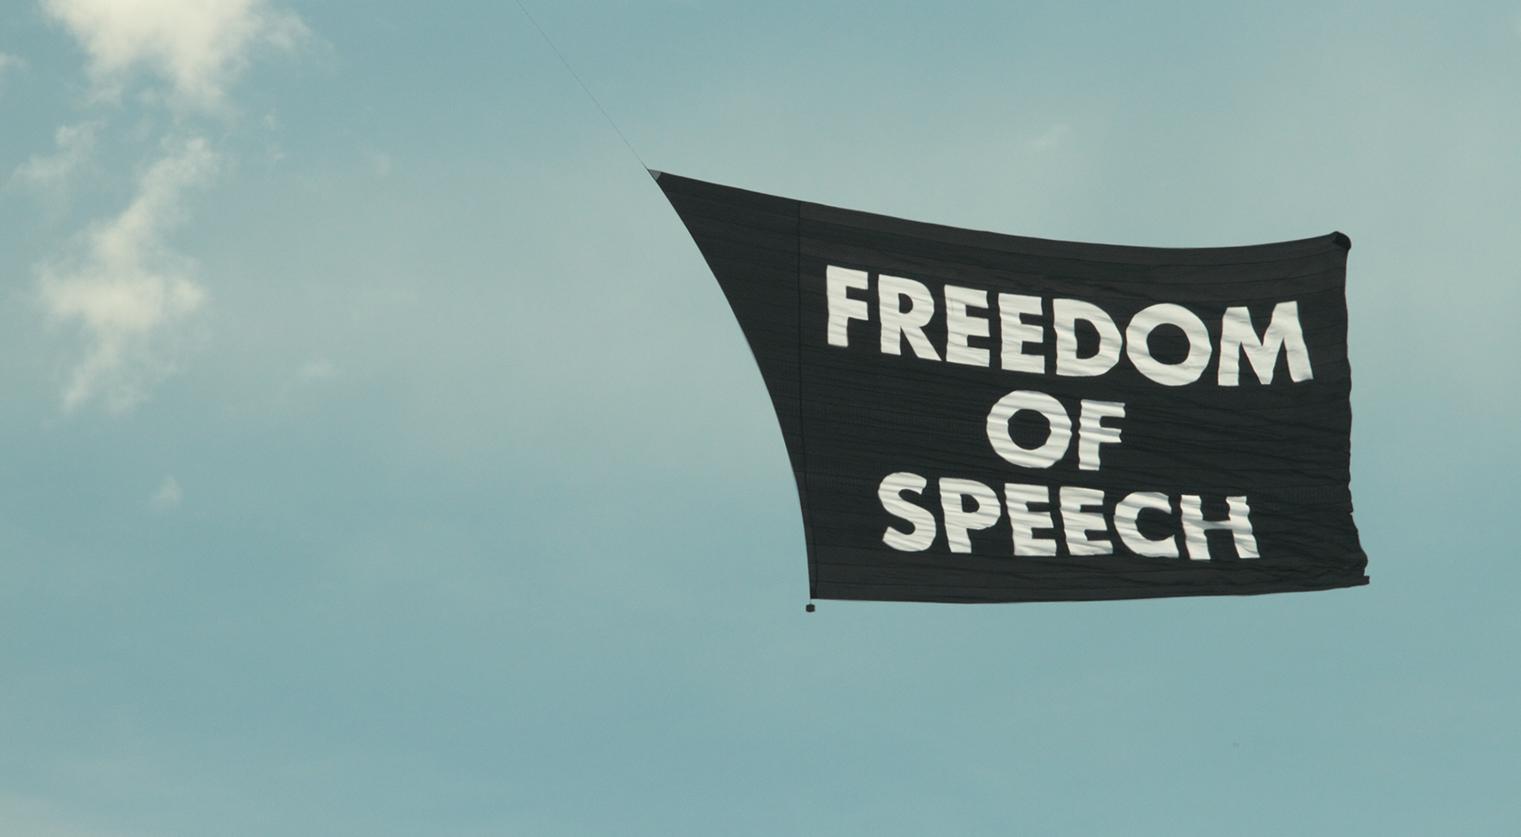 Vrijheid van meningsuiting in de OR kan zorgen voor reuring, maar dan moet deze wel gebaseerd zijn op goede argumenten. Walter Gouw maakt zich hard voor het principiële betoog.